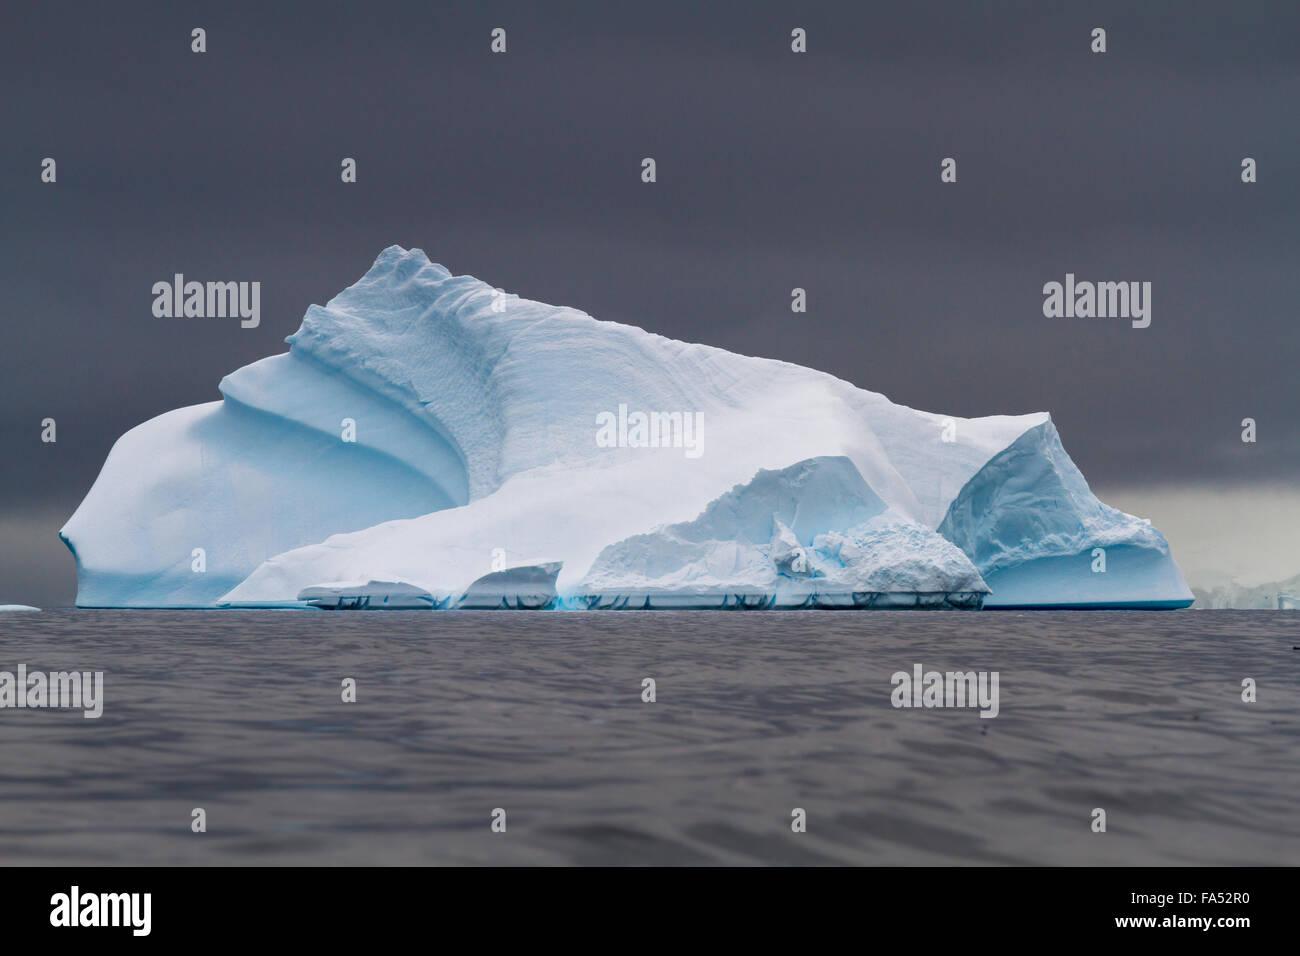 Dramatische Eisberg gegen ein stimmungsvoller Himmel in den antarktischen Ozean Stockbild